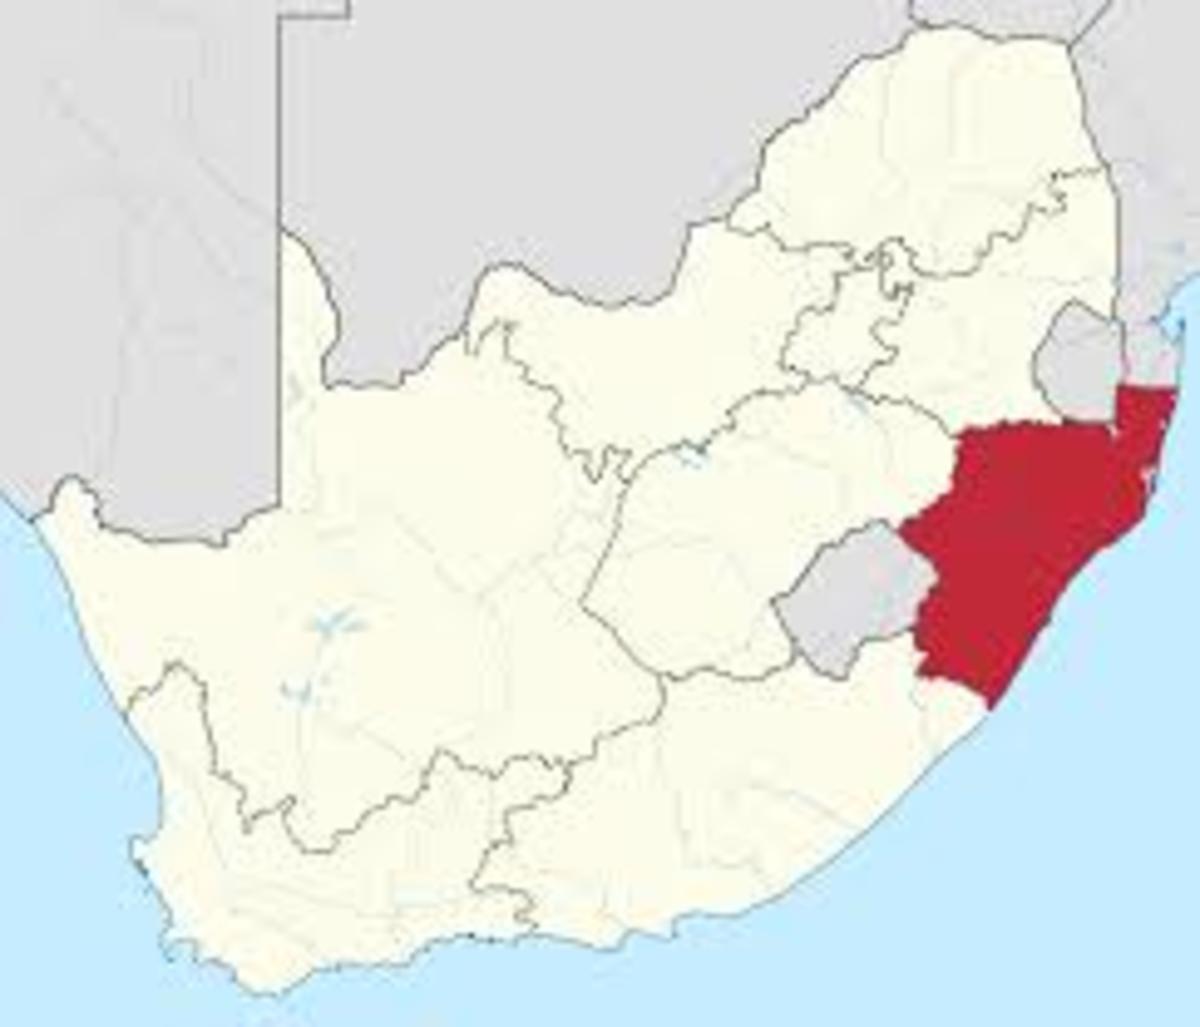 Zulu territory